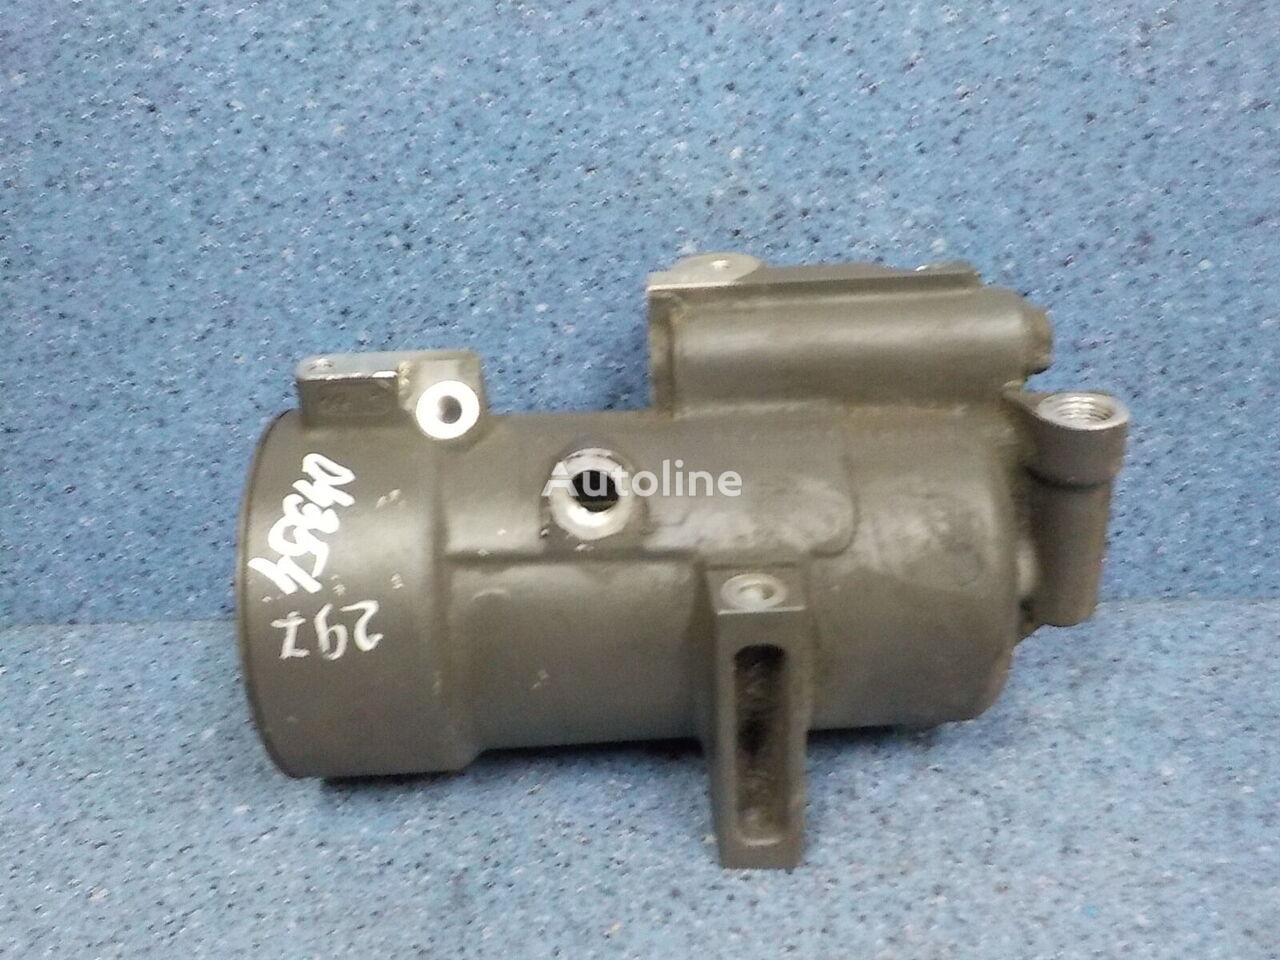 Korpus toplivnogo filtra Ersatzteile für SCANIA LKW